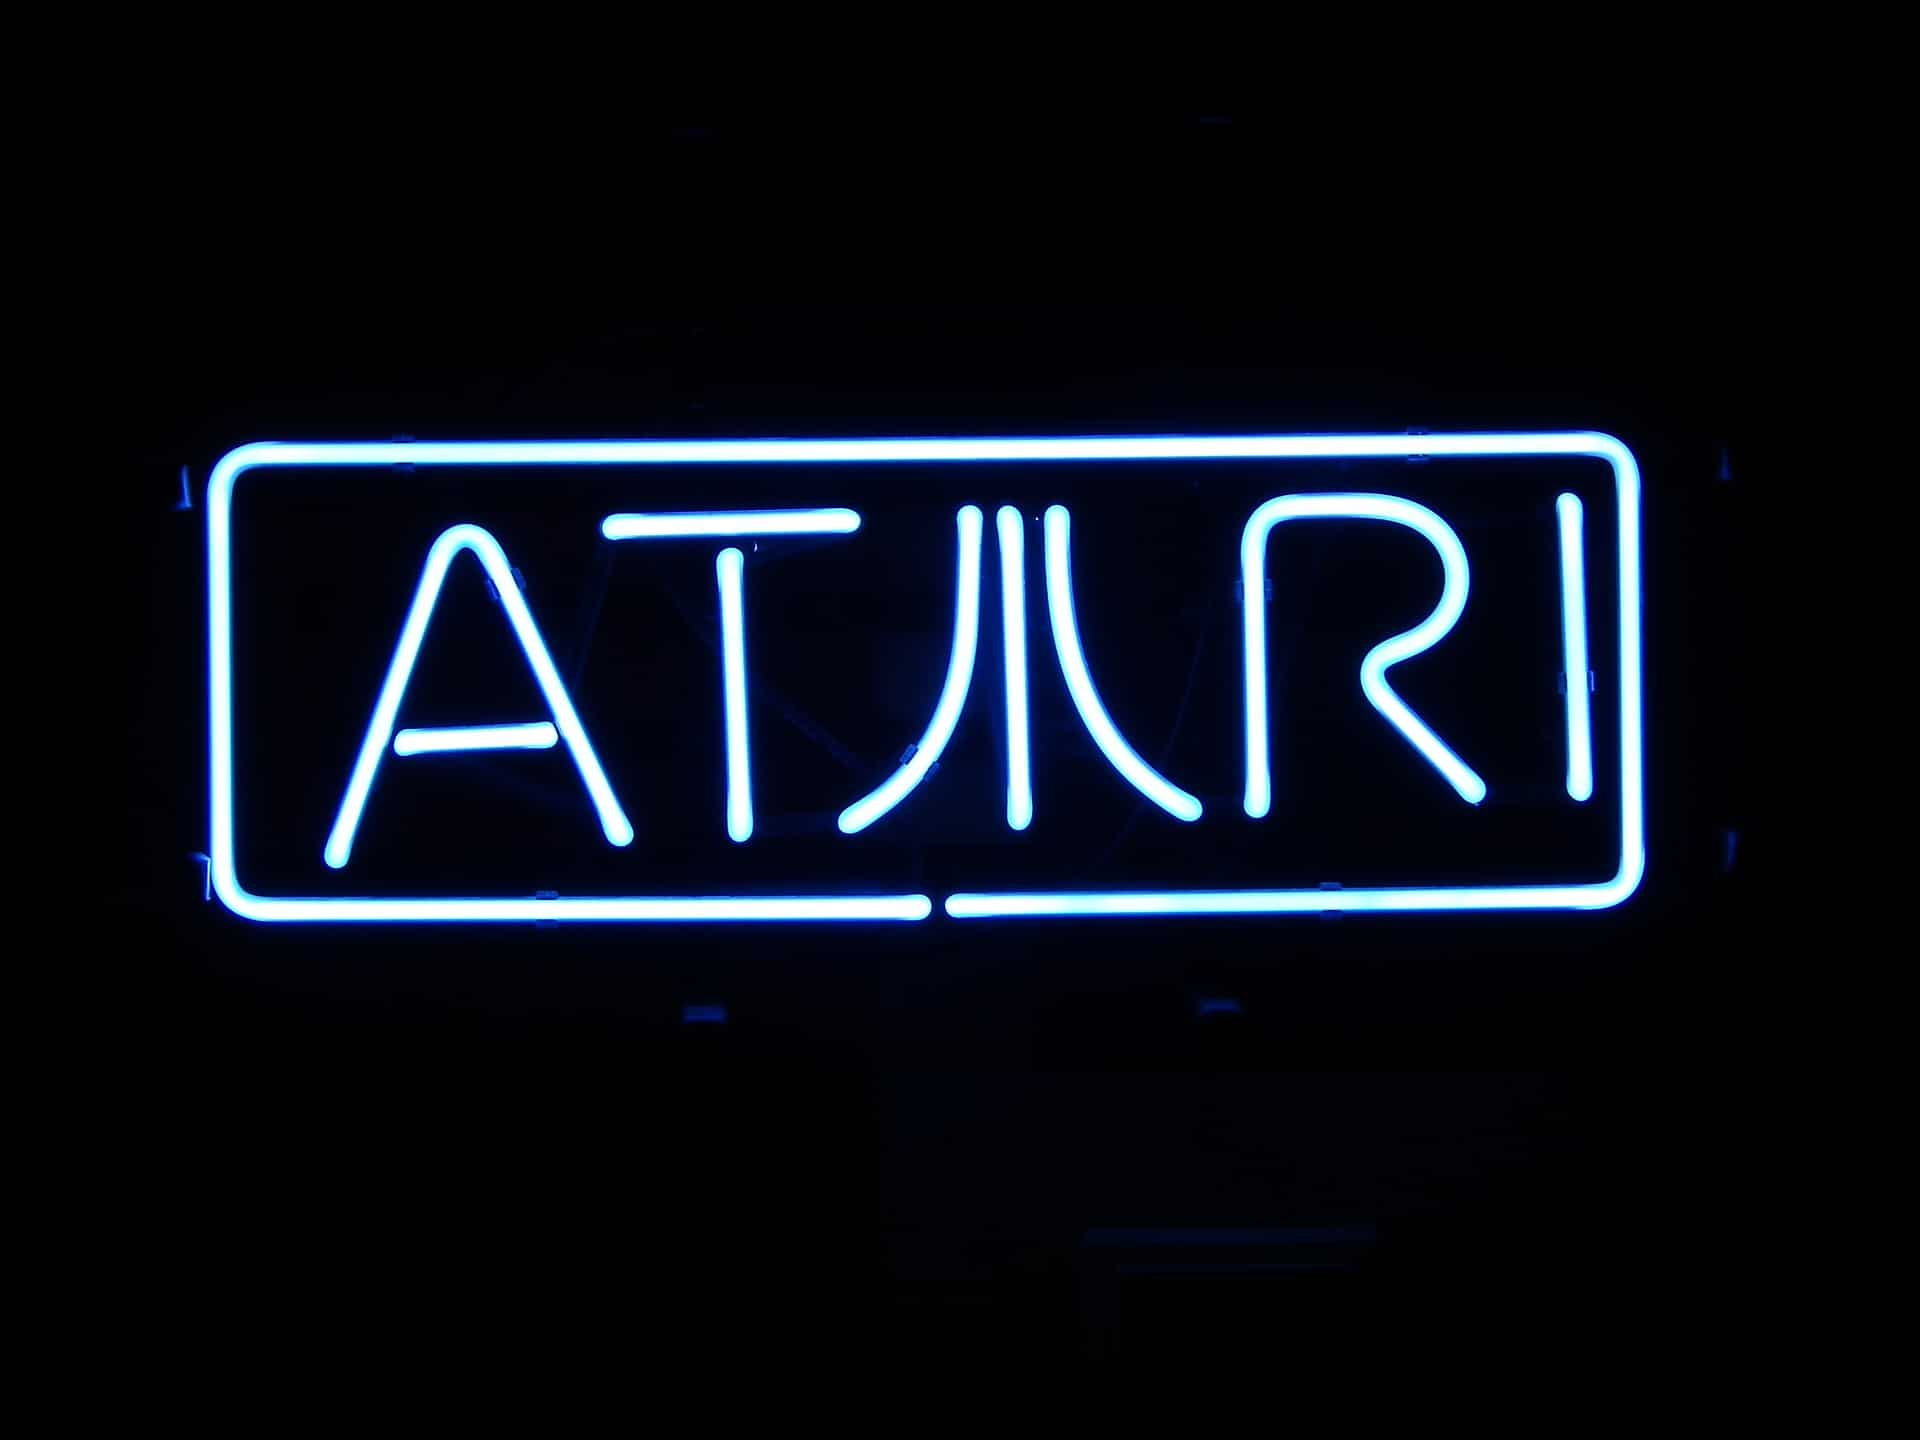 atari kryptowährung